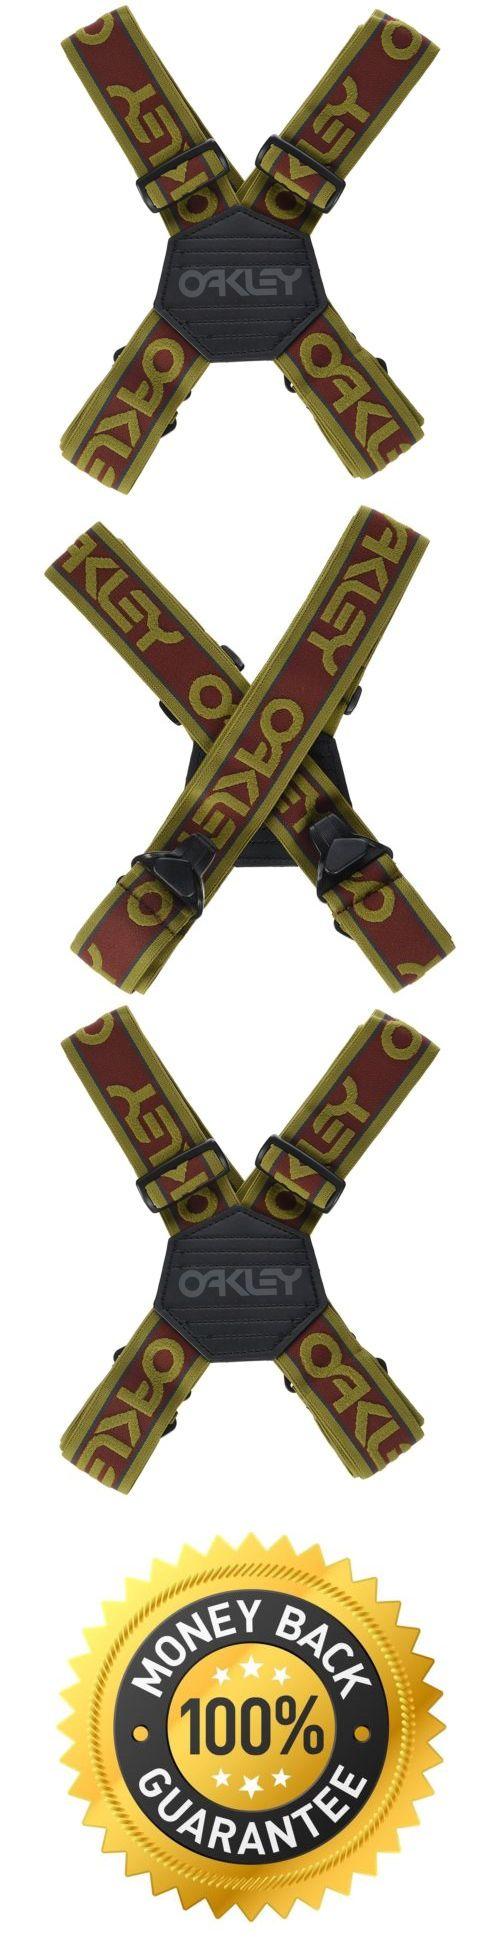 Suspenders Braces 105387: Men Trouser Braces Suspenders Heavy Duty Oakley Men S Factory Fully Adjustable -> BUY IT NOW ONLY: $30.35 on eBay!